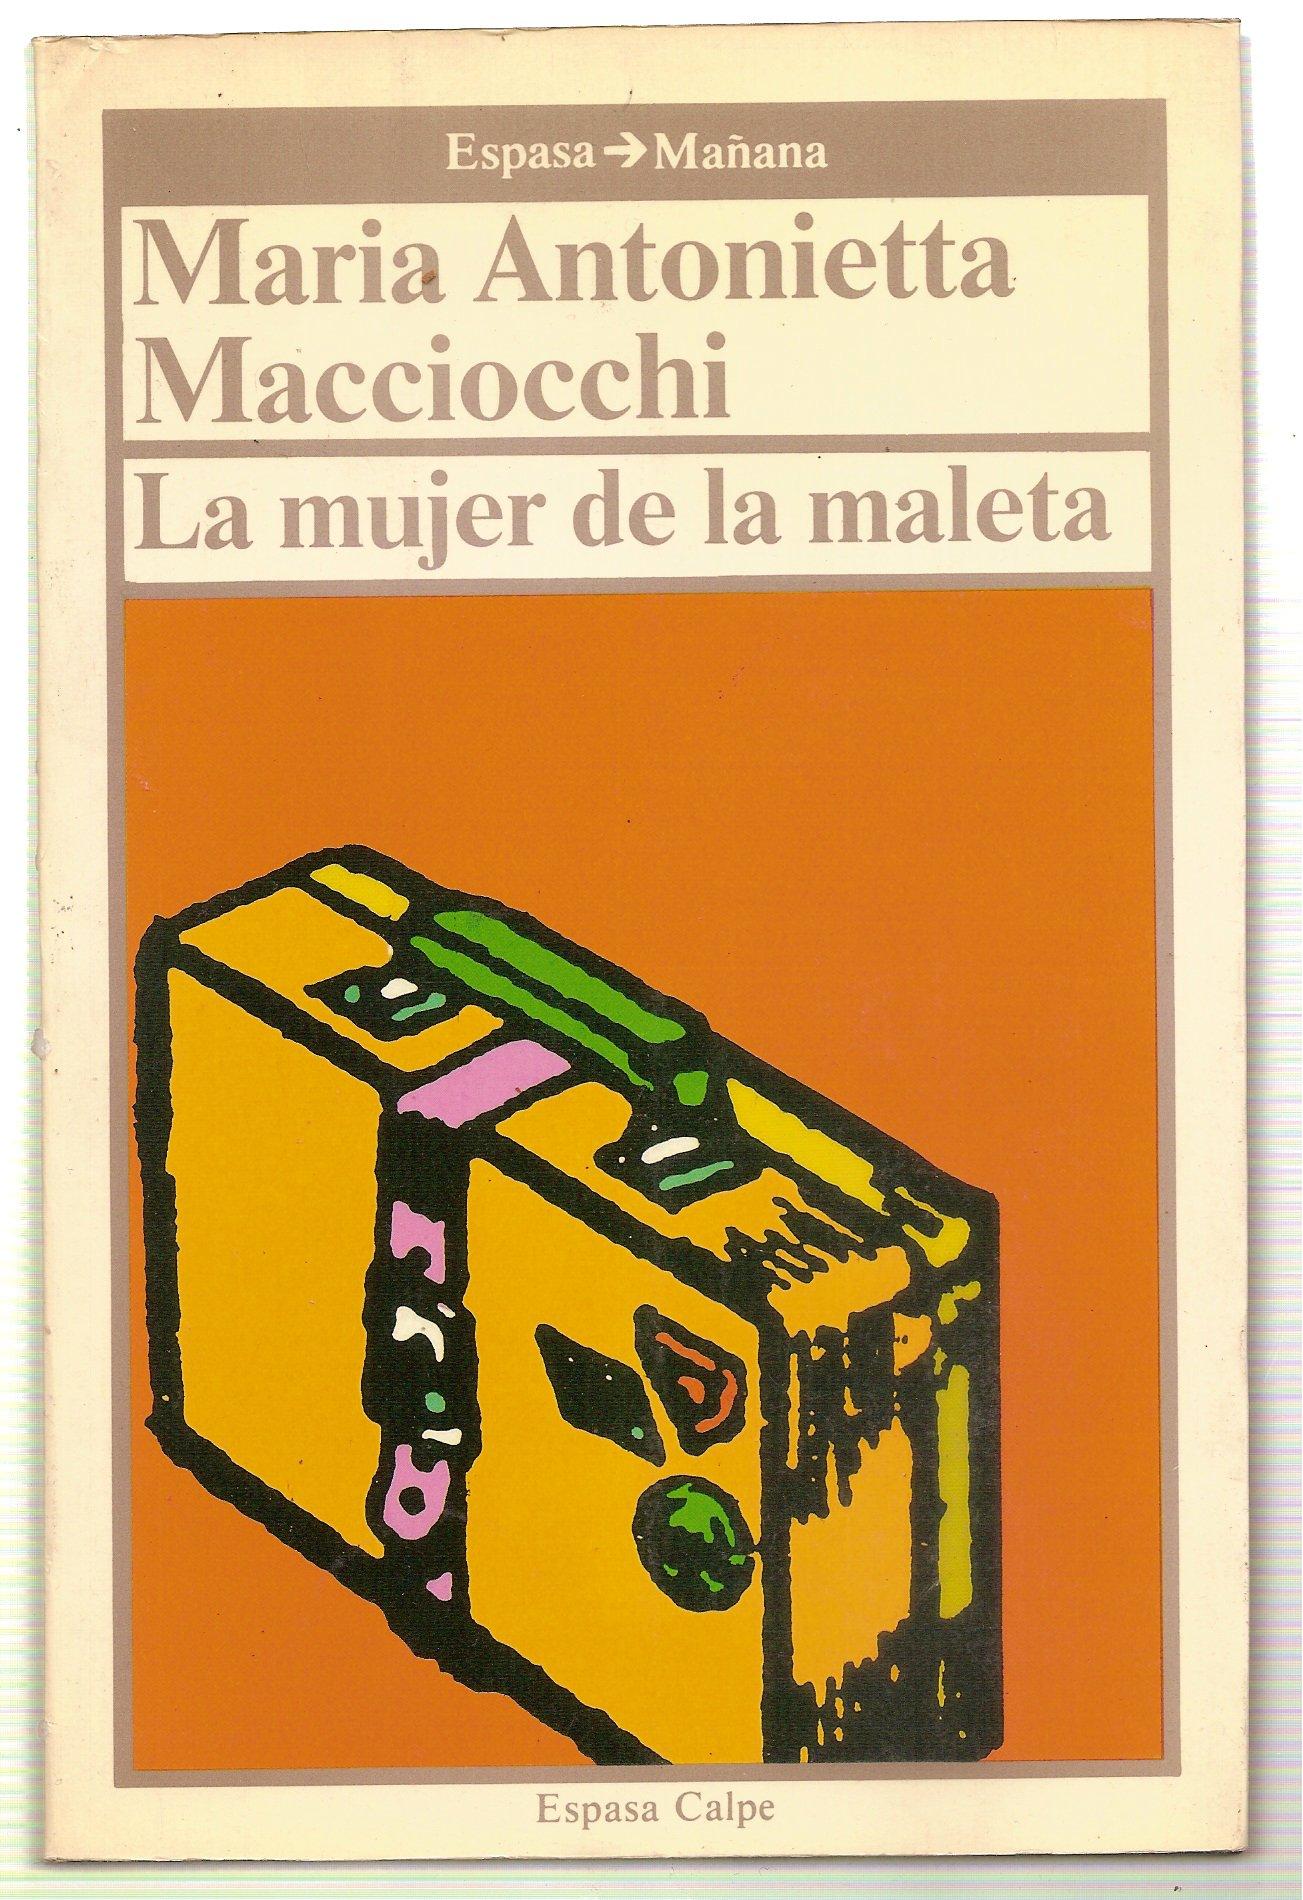 La mujer de la maleta: viaje intelectual de una mujer en Europa: María Antonieta.- MACCIOCCHI: 9788423924417: Amazon.com: Books